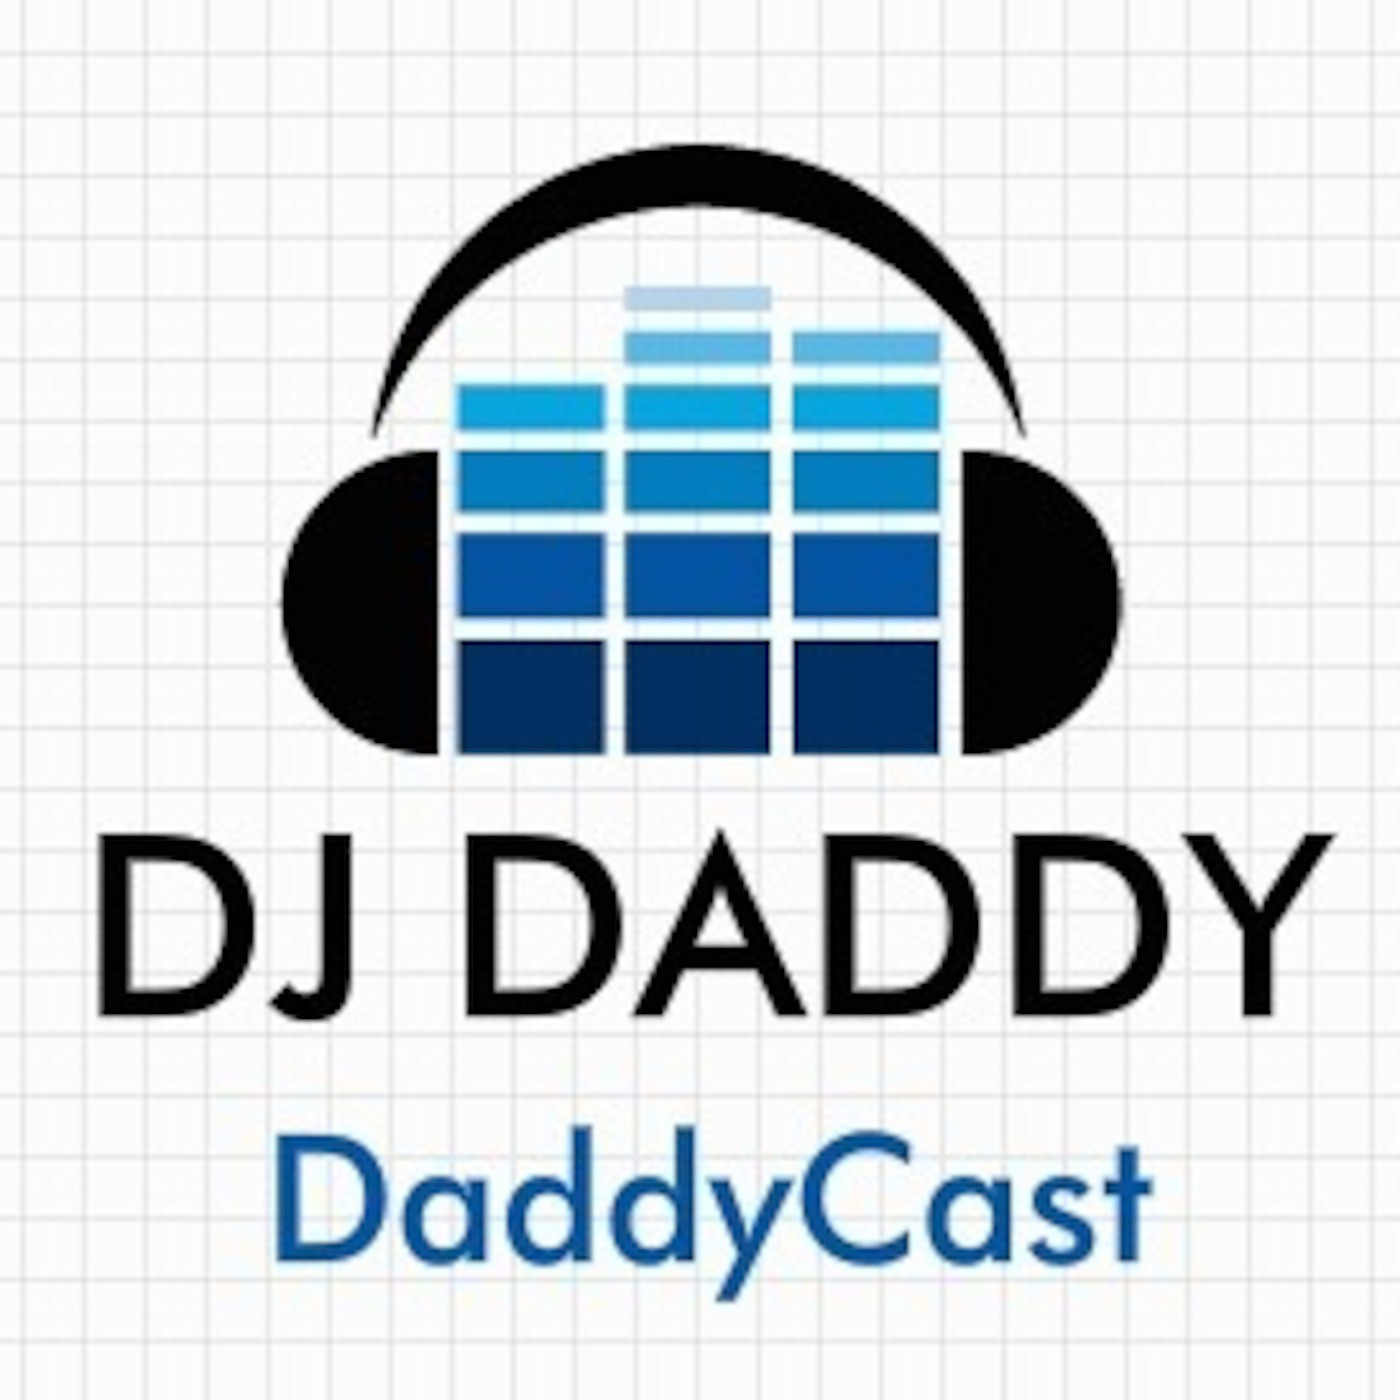 DaddyCast